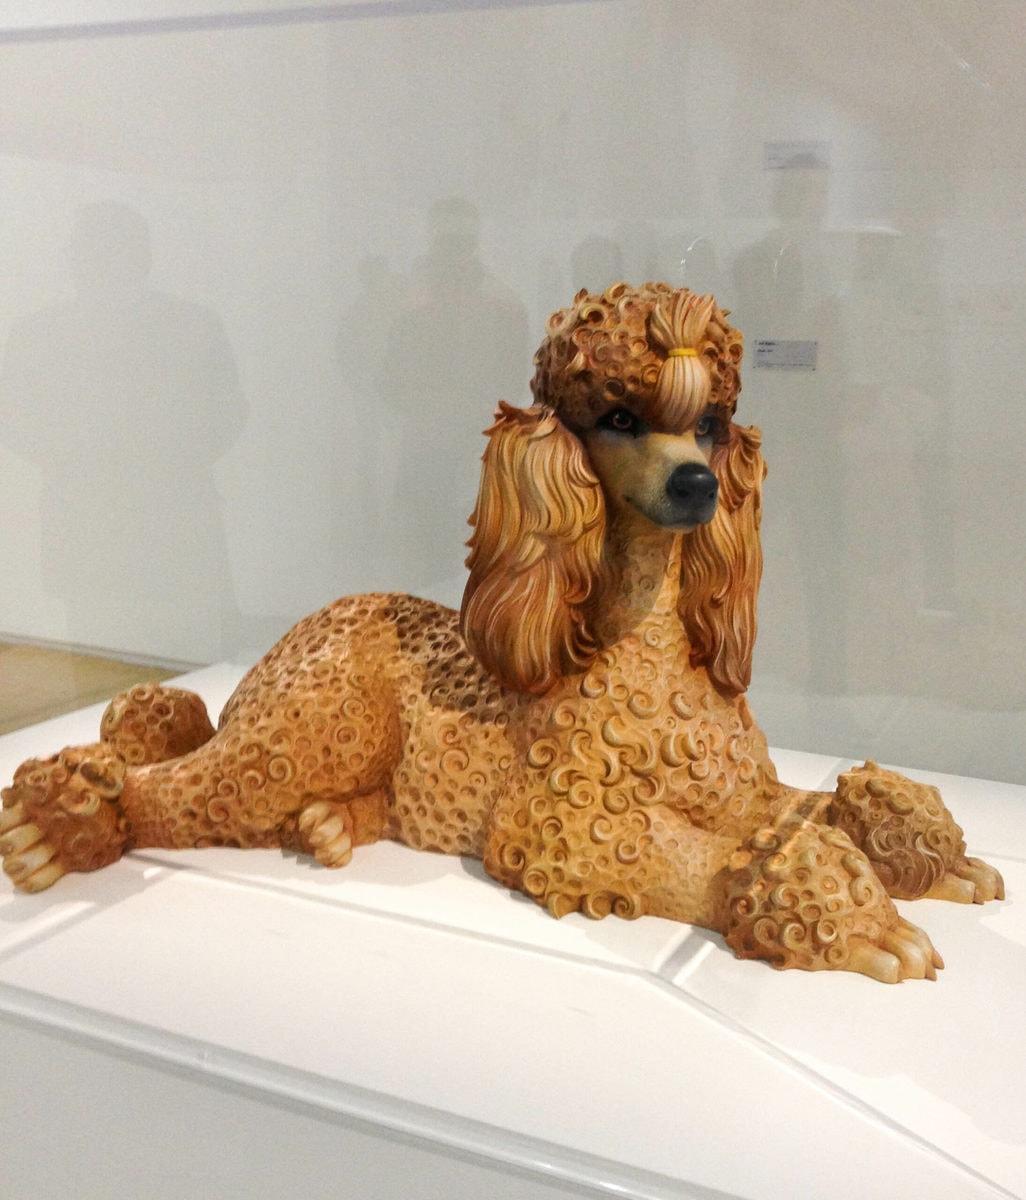 Jeff Koons, Pudel (1991), polychromiertes Holz, 58,4 x 100,3 x 52,1 cm, Centre Pompidou, Paris